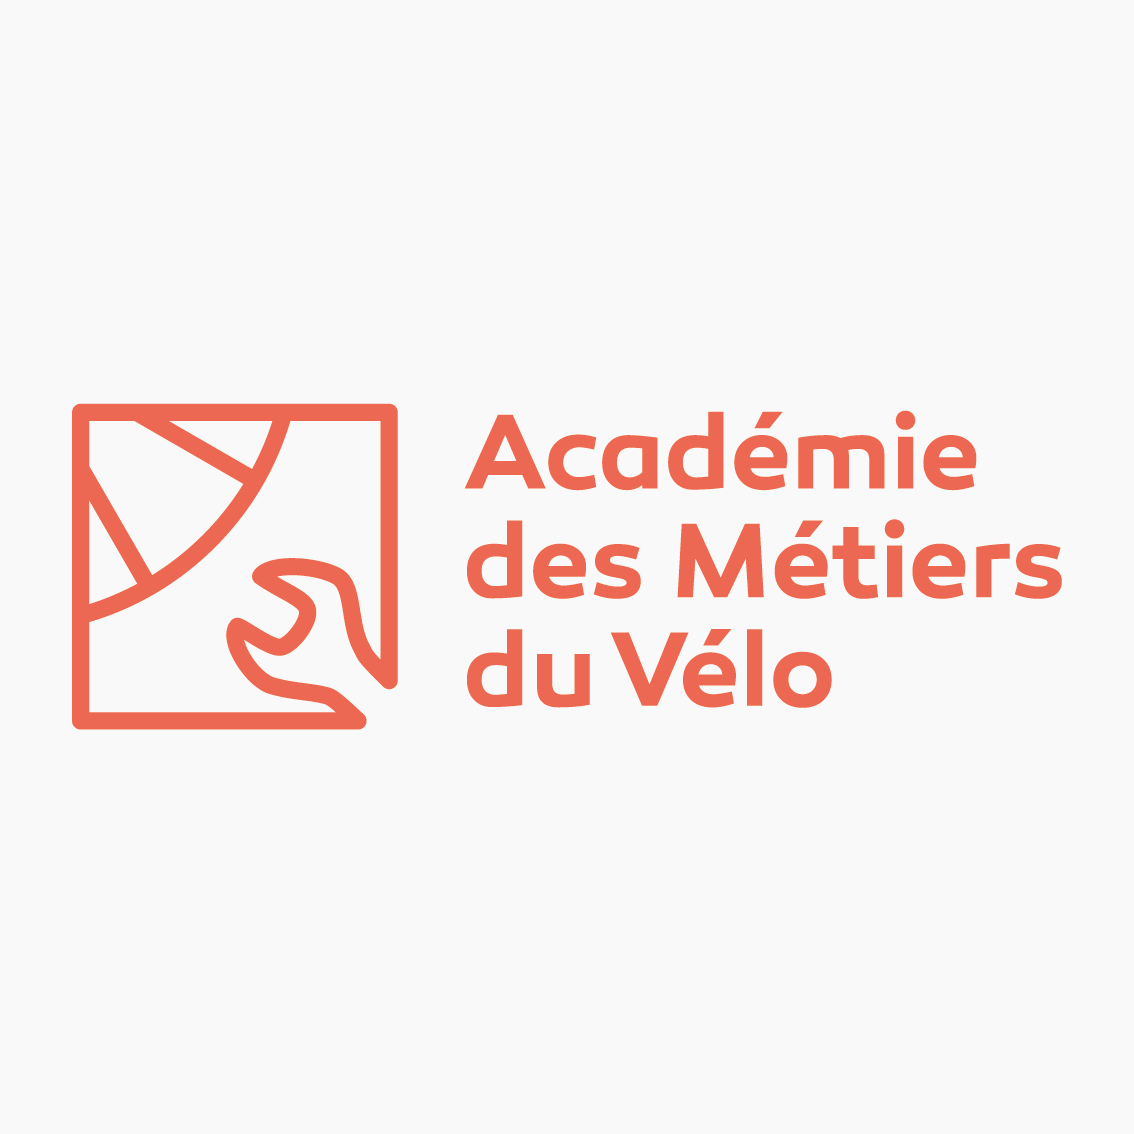 Académie des Métiers du Vélo (@AcademieVelo) | Twitter